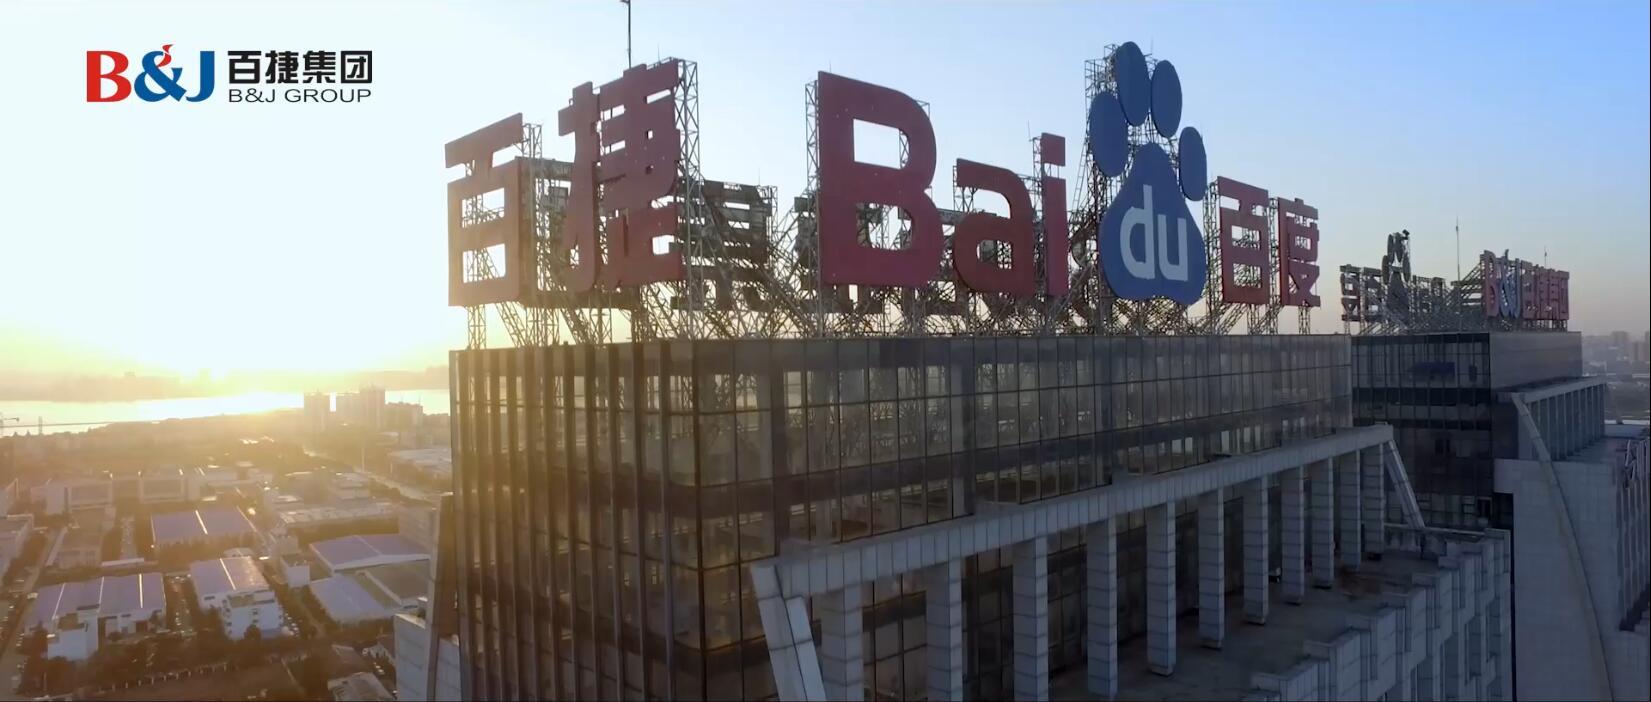 ballbet安卓版西甲赞助年度回顾视频